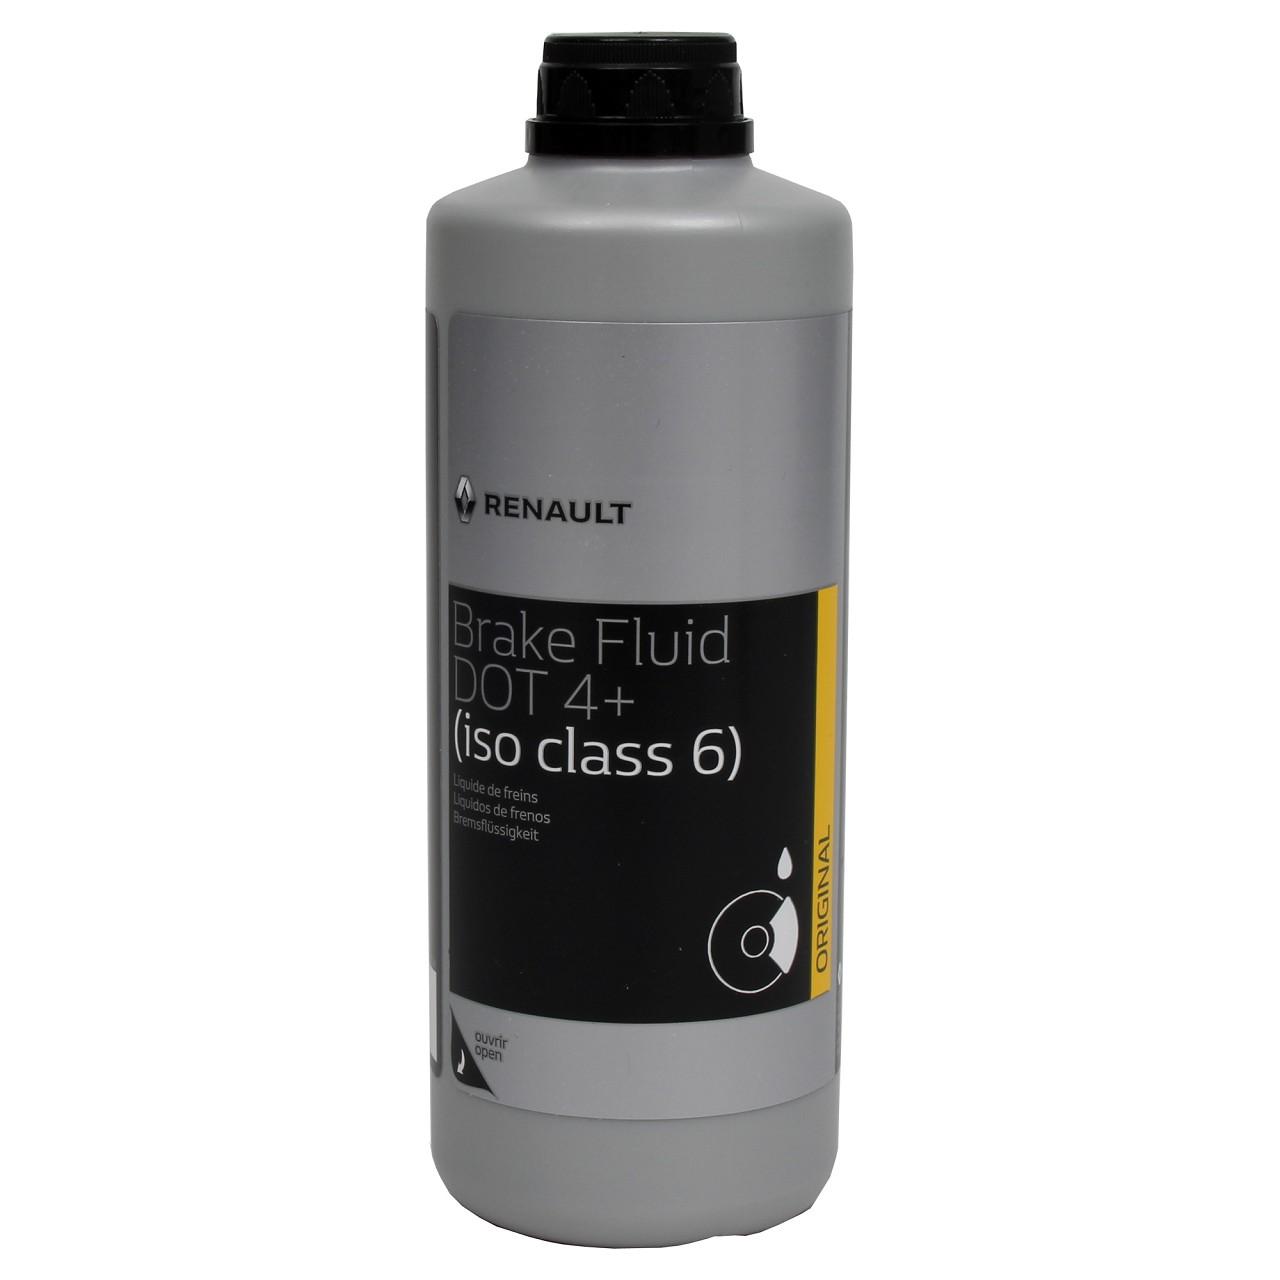 ORIGINAL Renault Bremsflüssigkeit 7711575504 03-50-006 DOT 4+ brake fluid 500ml